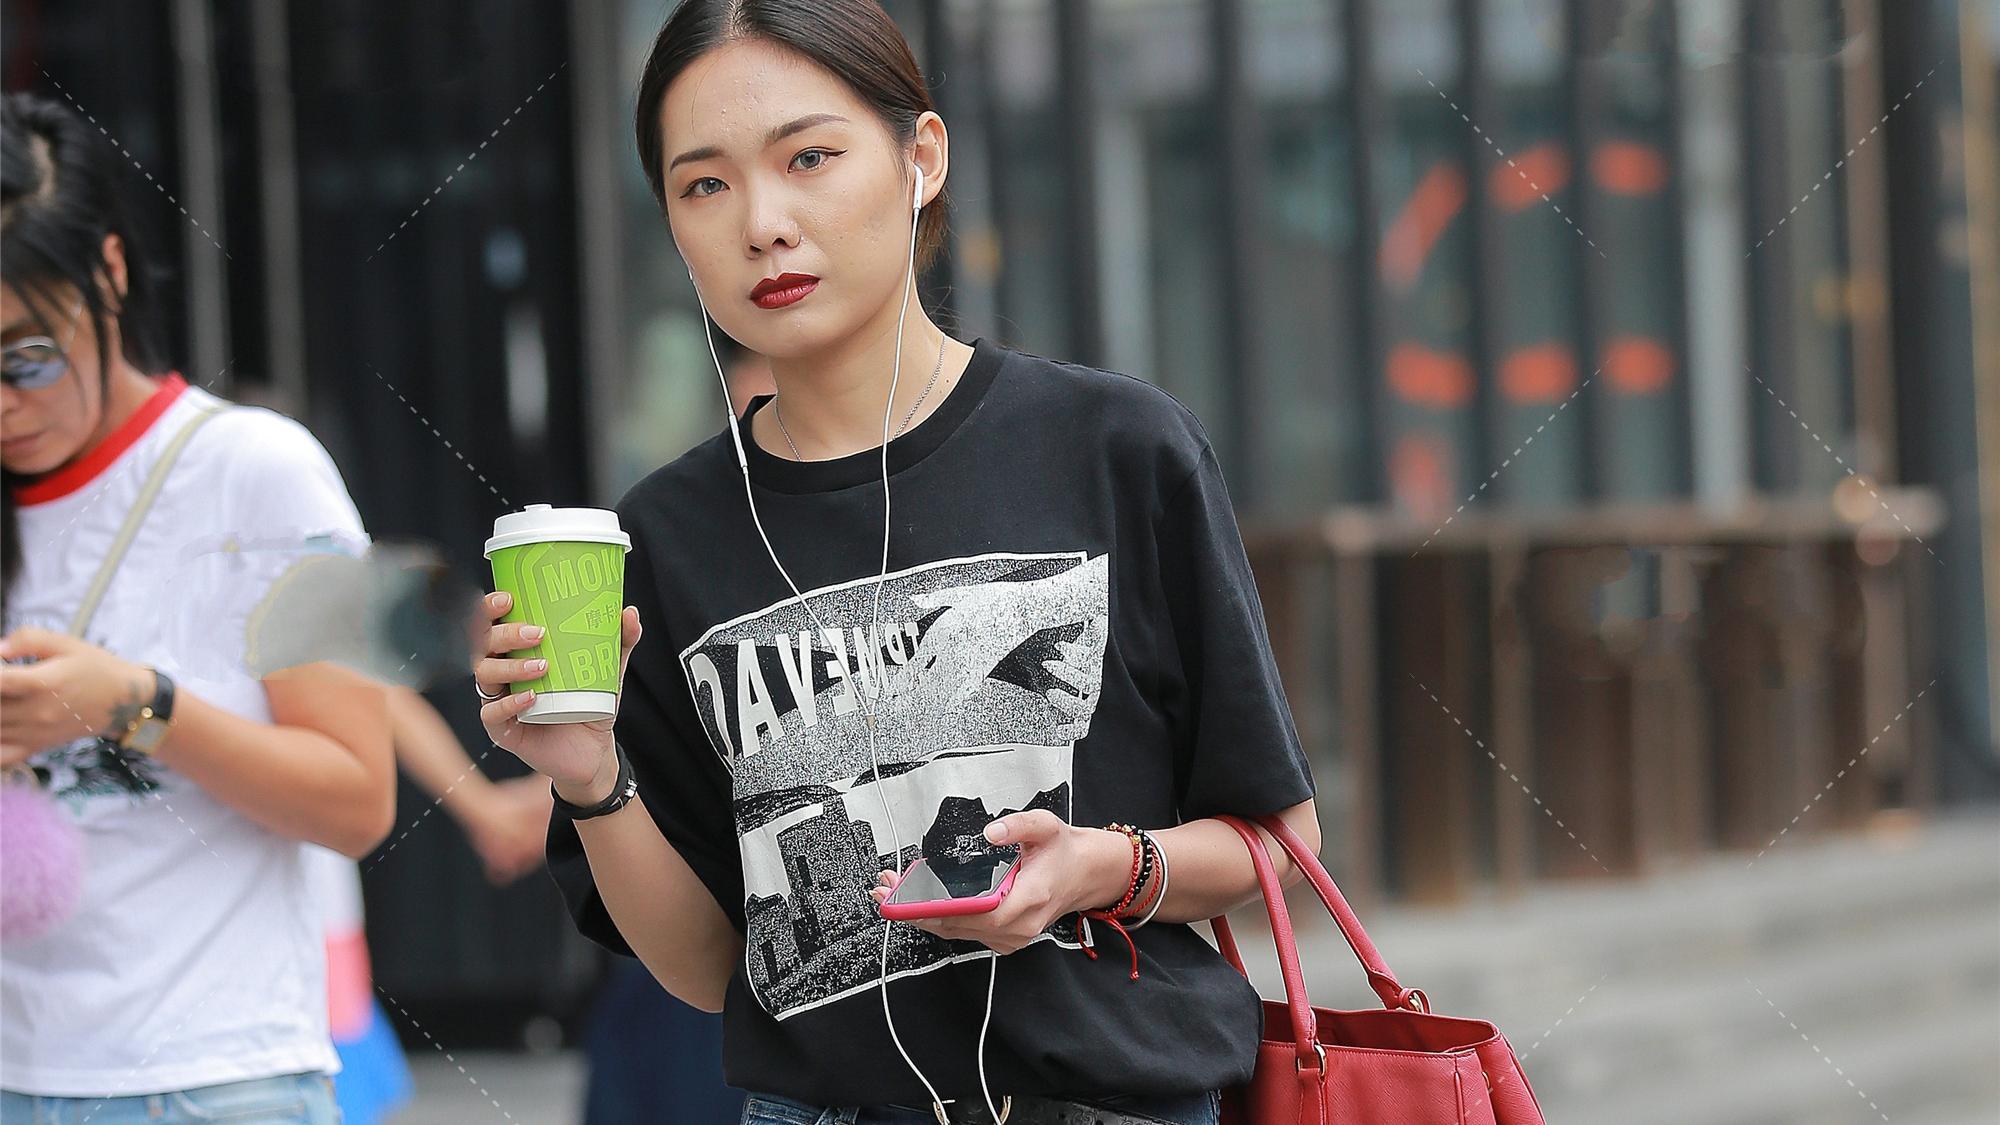 黑色T恤圆领短袖设计,宽松版型搭配红色手提包,随性休闲的穿搭